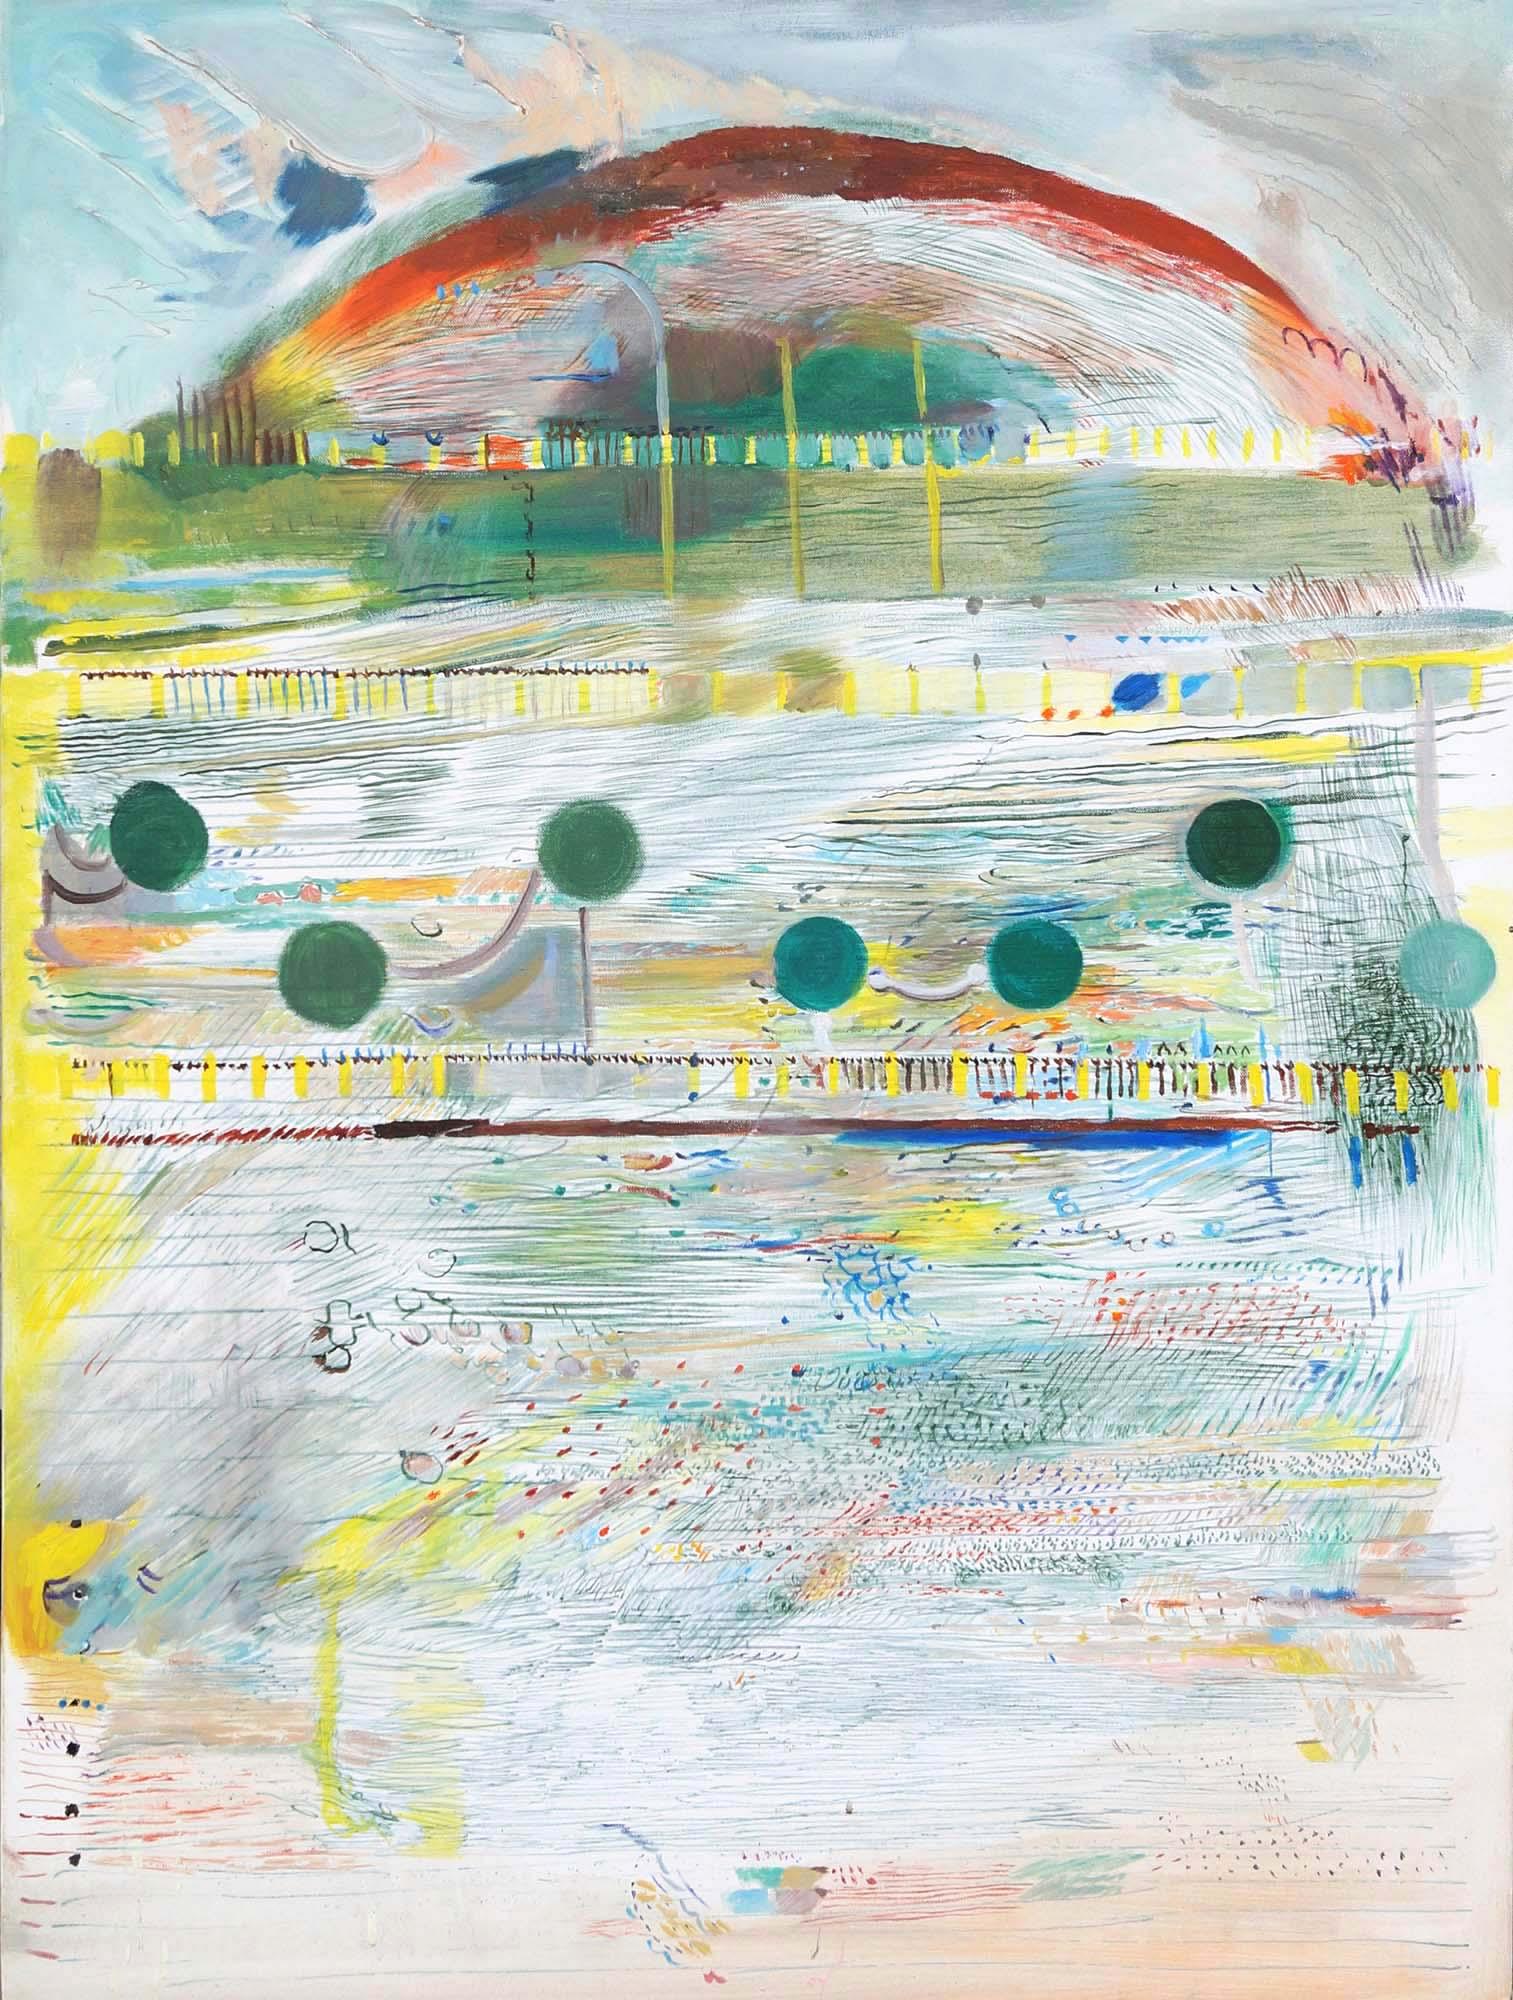 Eliska Fialova, Hill, Acrylic on canvas, 100 x 80 cm, 2016